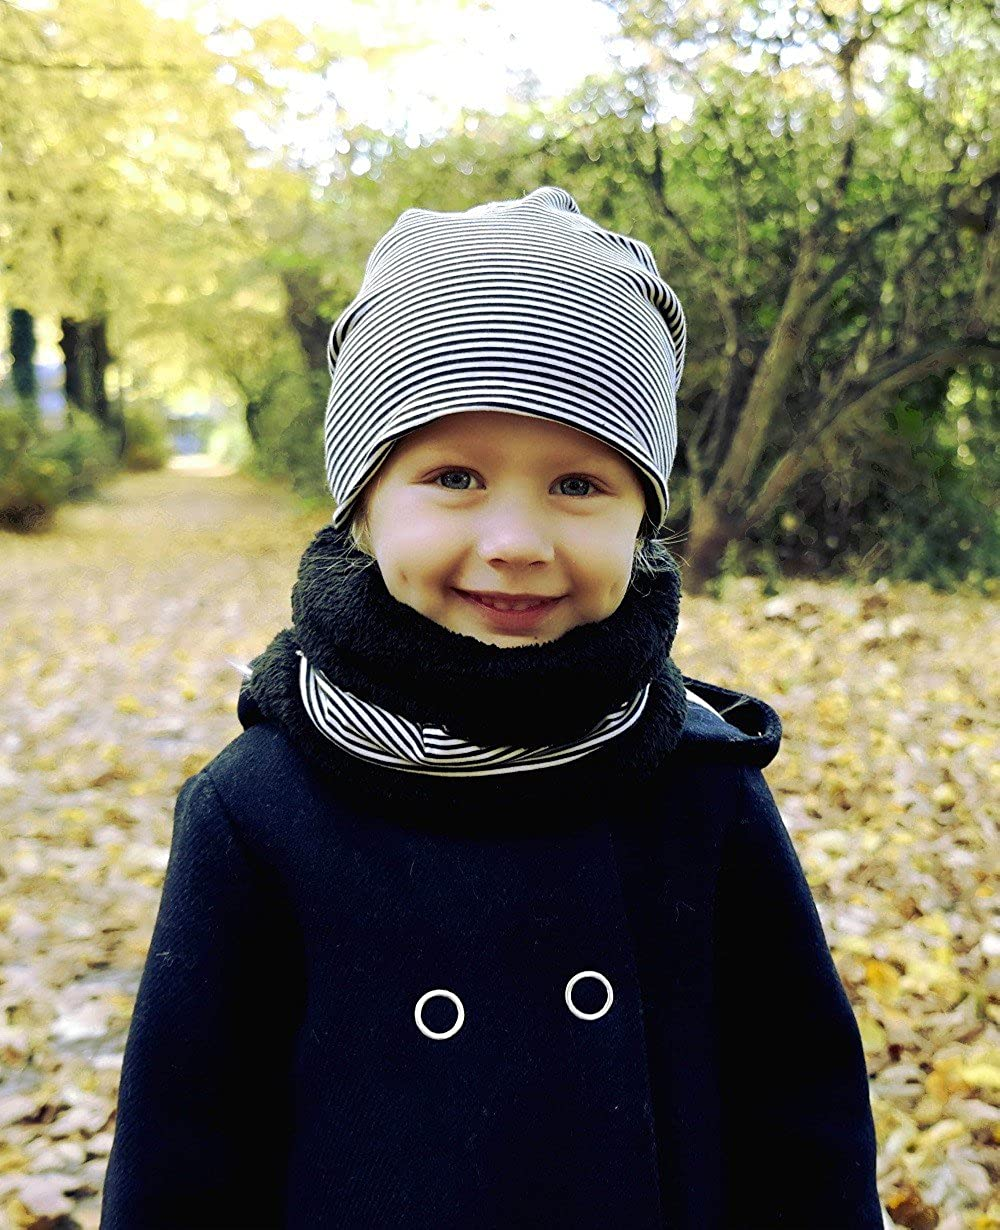 Hilltop Set Invernale da Bambini Sciarpa ad Anello Corta e Cuffia//Berretto Abbinato Tessuto in Pile